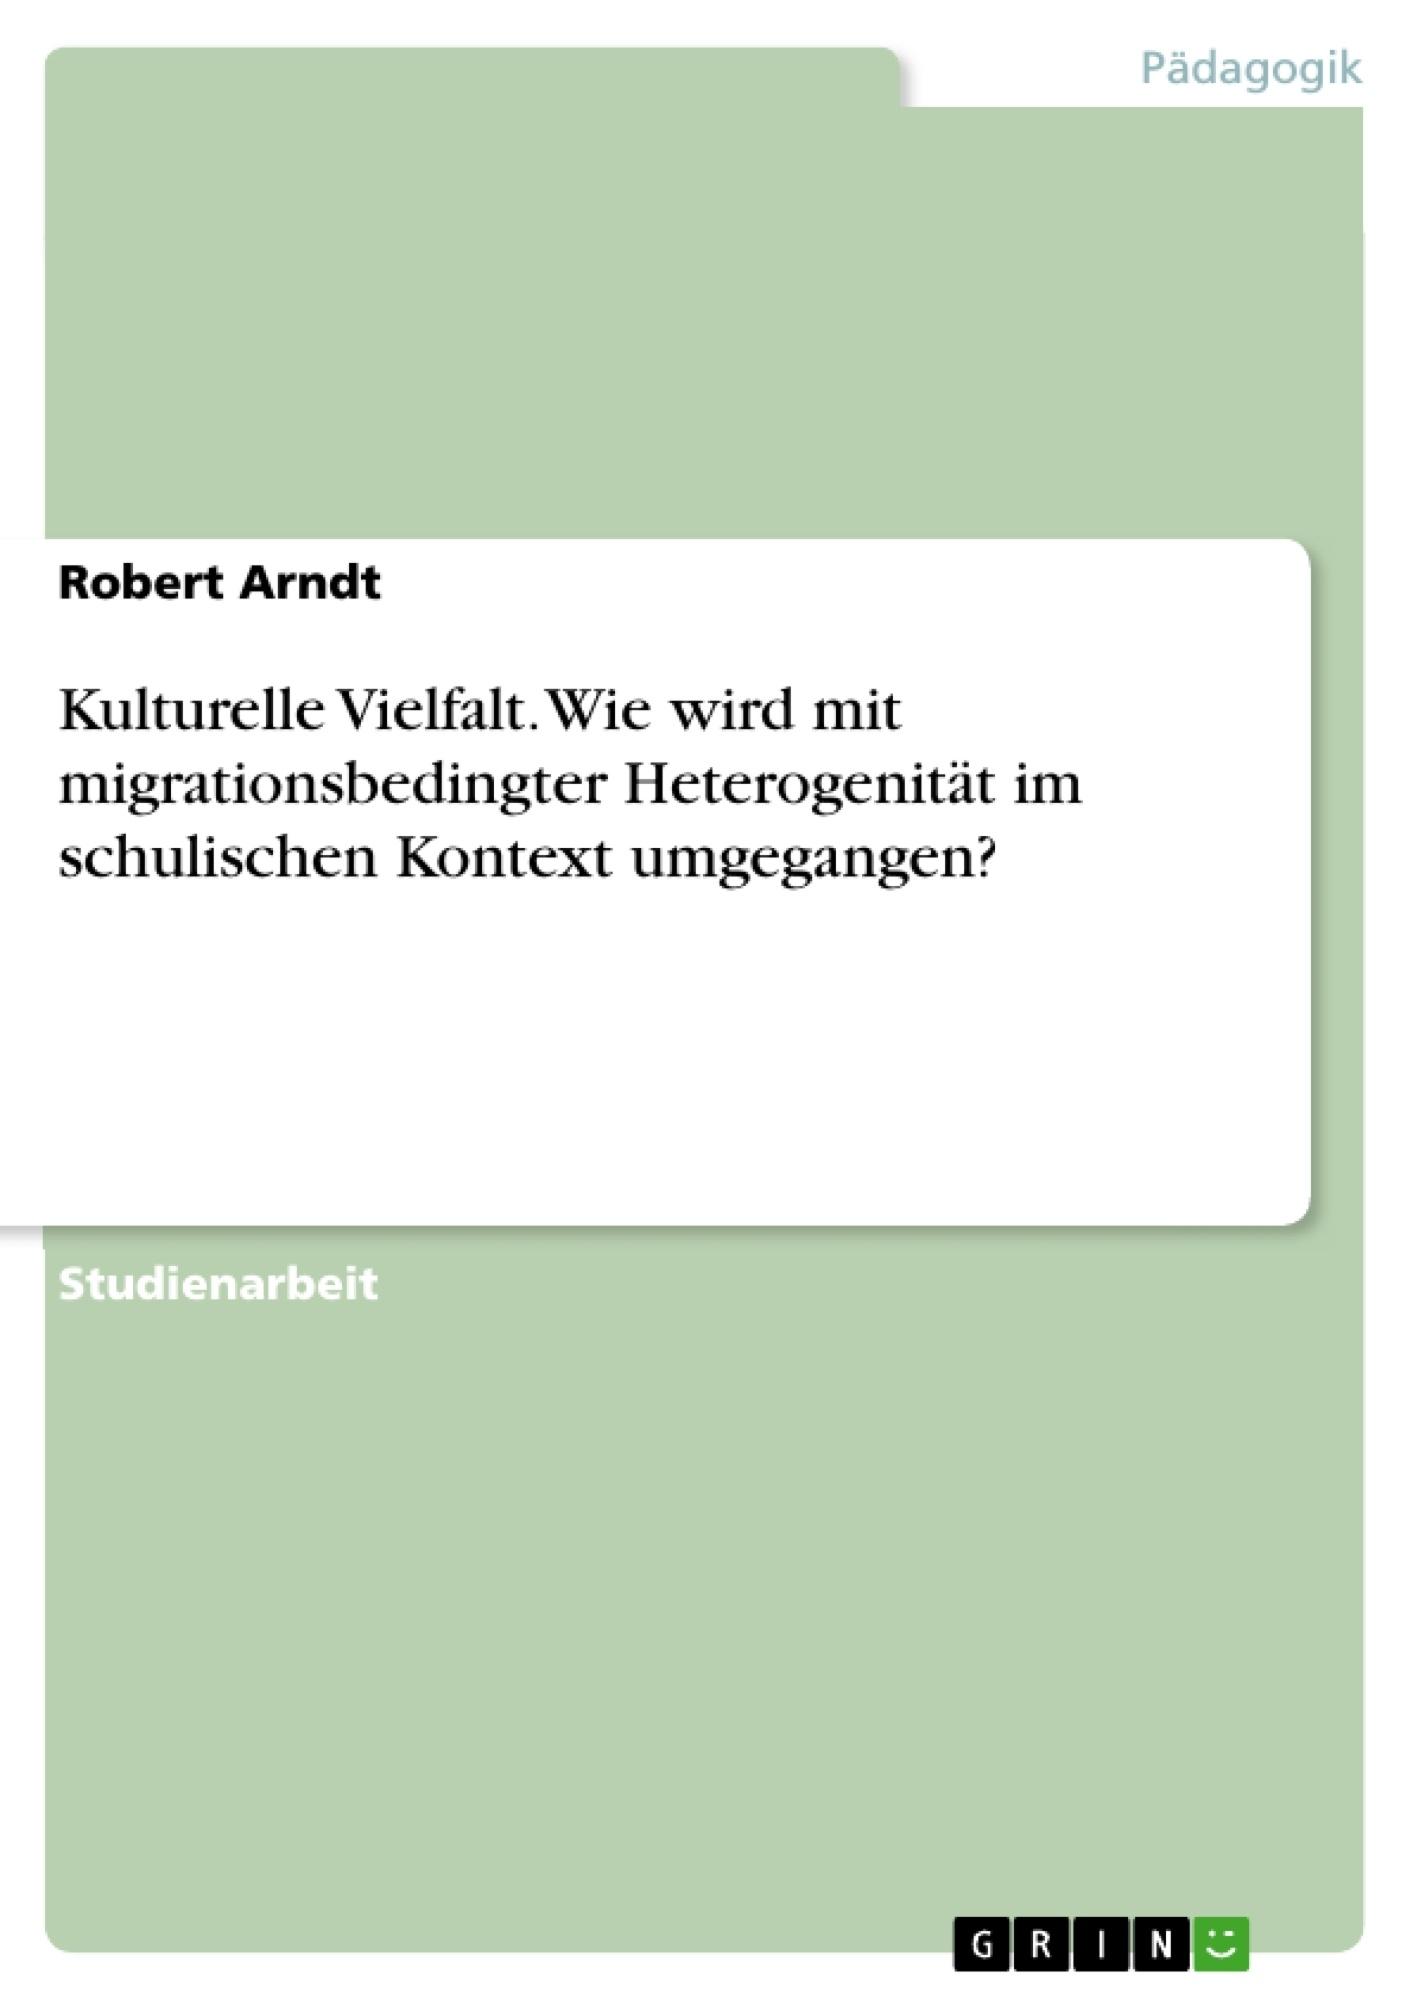 Titel: Kulturelle Vielfalt. Wie wird mit migrationsbedingter Heterogenität im schulischen Kontext umgegangen?